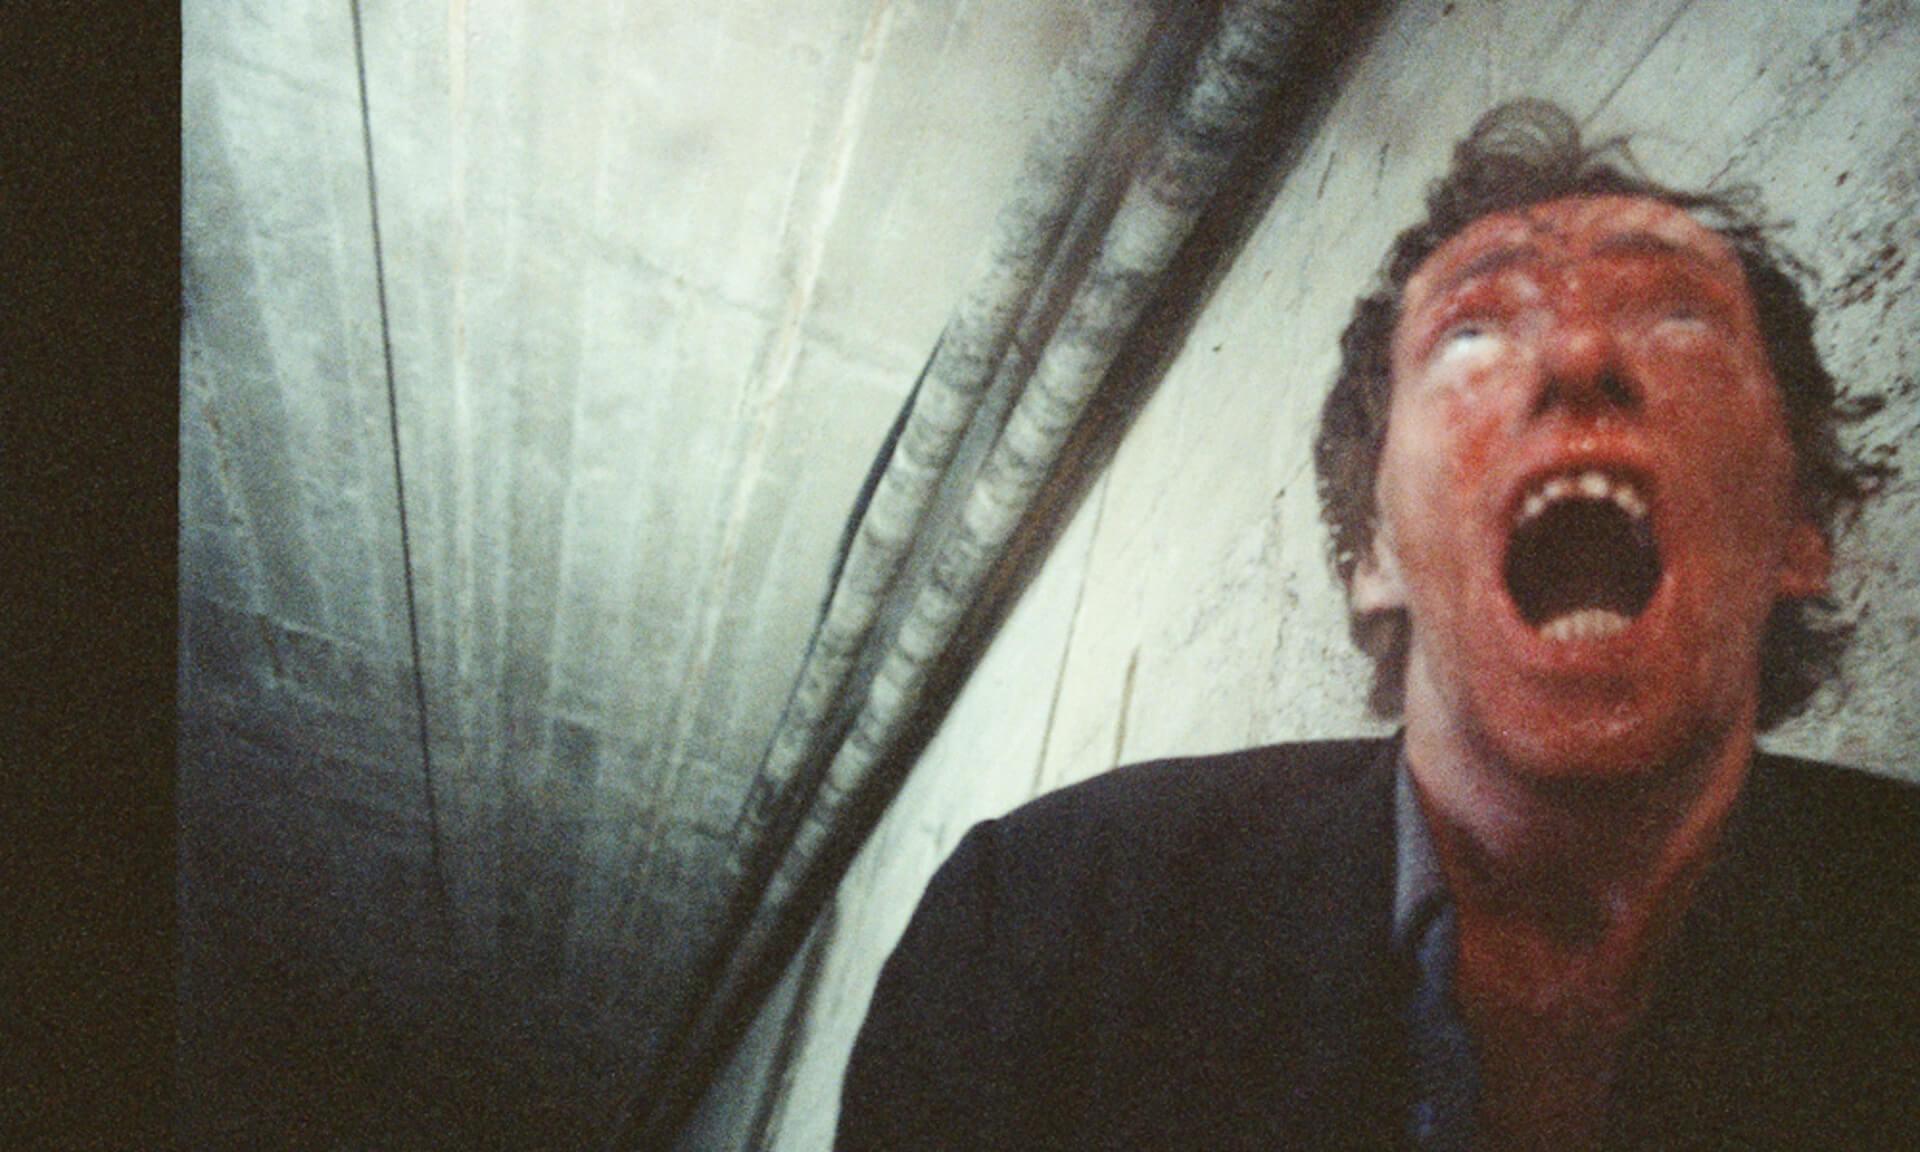 狂気的な殺人鬼K.と愛くるしい犬との邂逅の末は...?話題沸騰の『アングスト/不安』の特別映像&新場面写真が解禁 film200616_angst_4